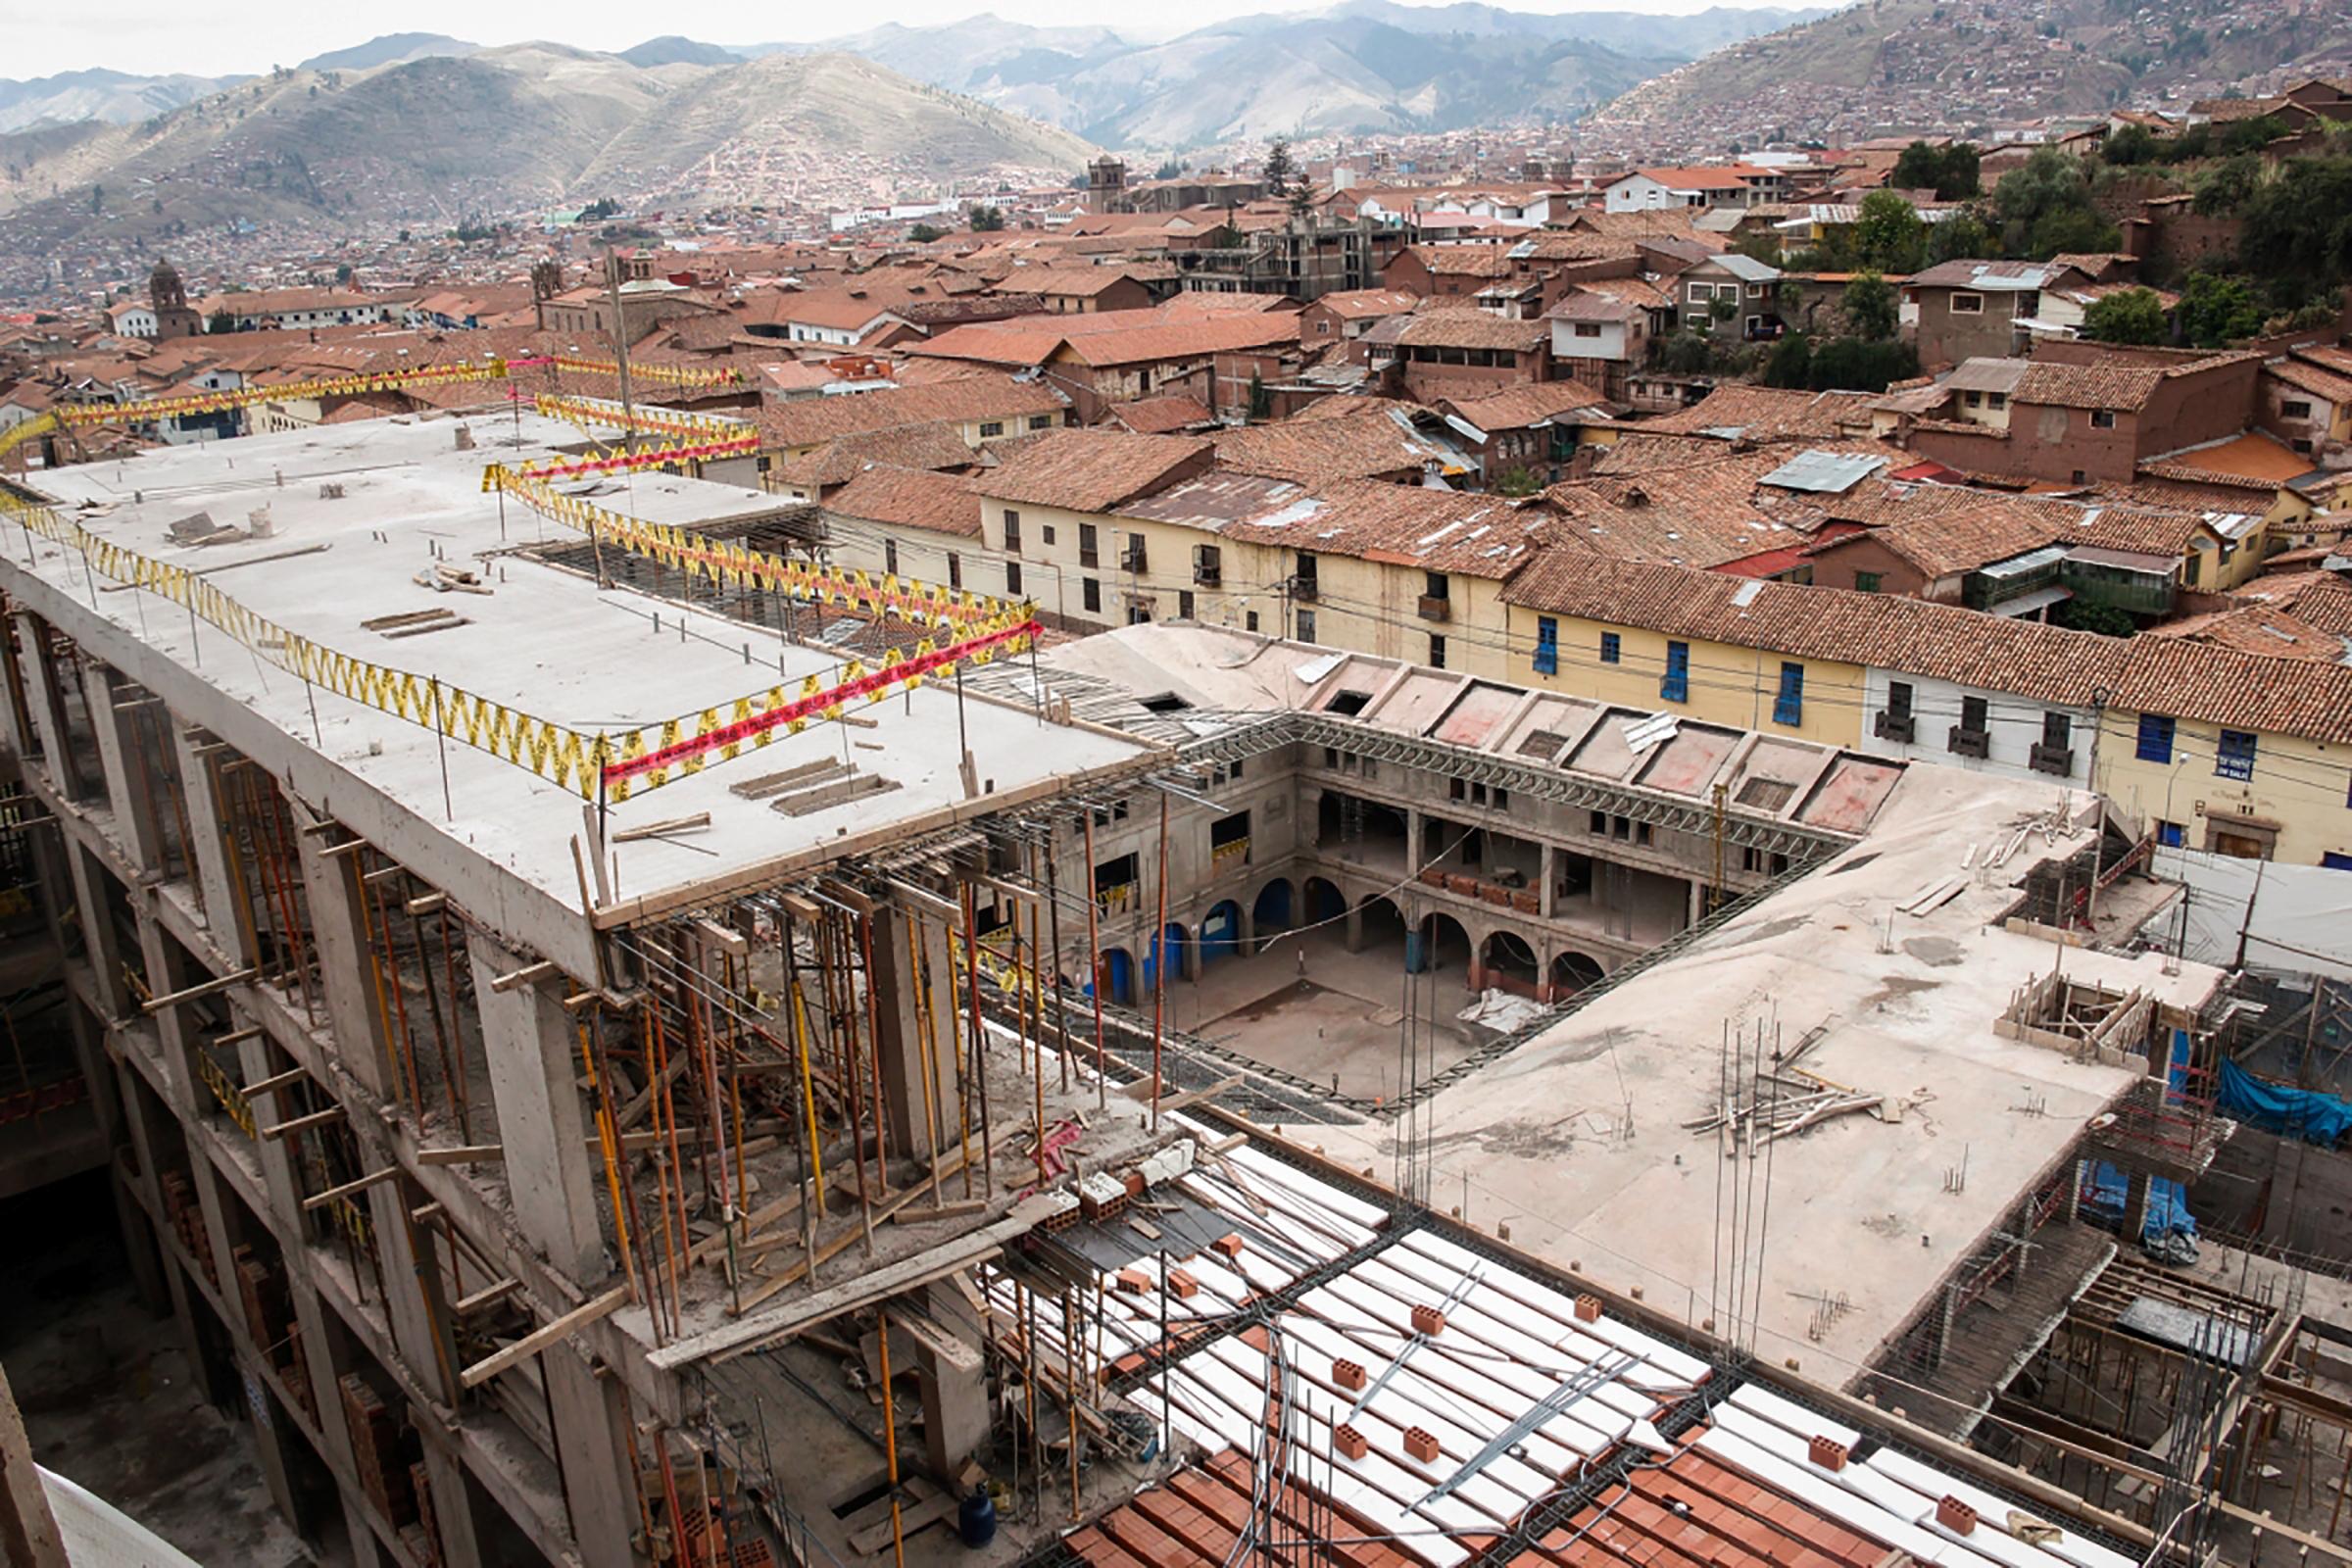 Peruban le kell bontani egy szállodát, mert inka romokra épült